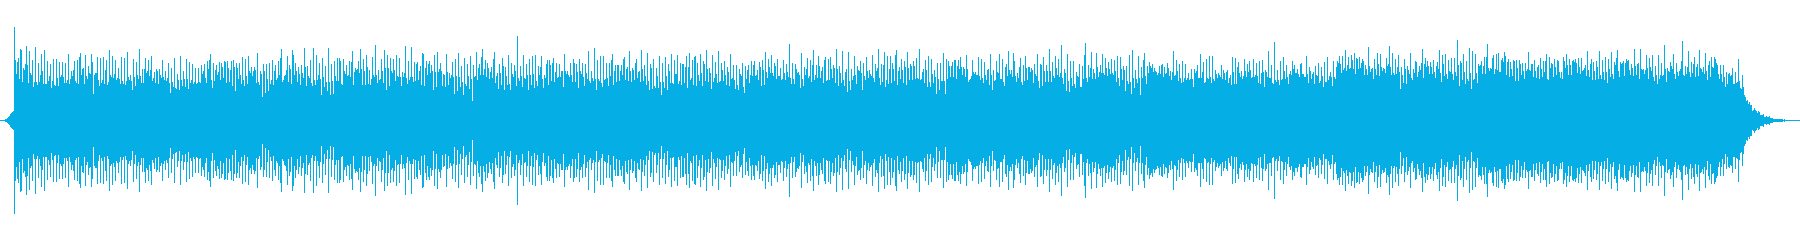 ティーン インディーズ ロック ポ...の再生済みの波形